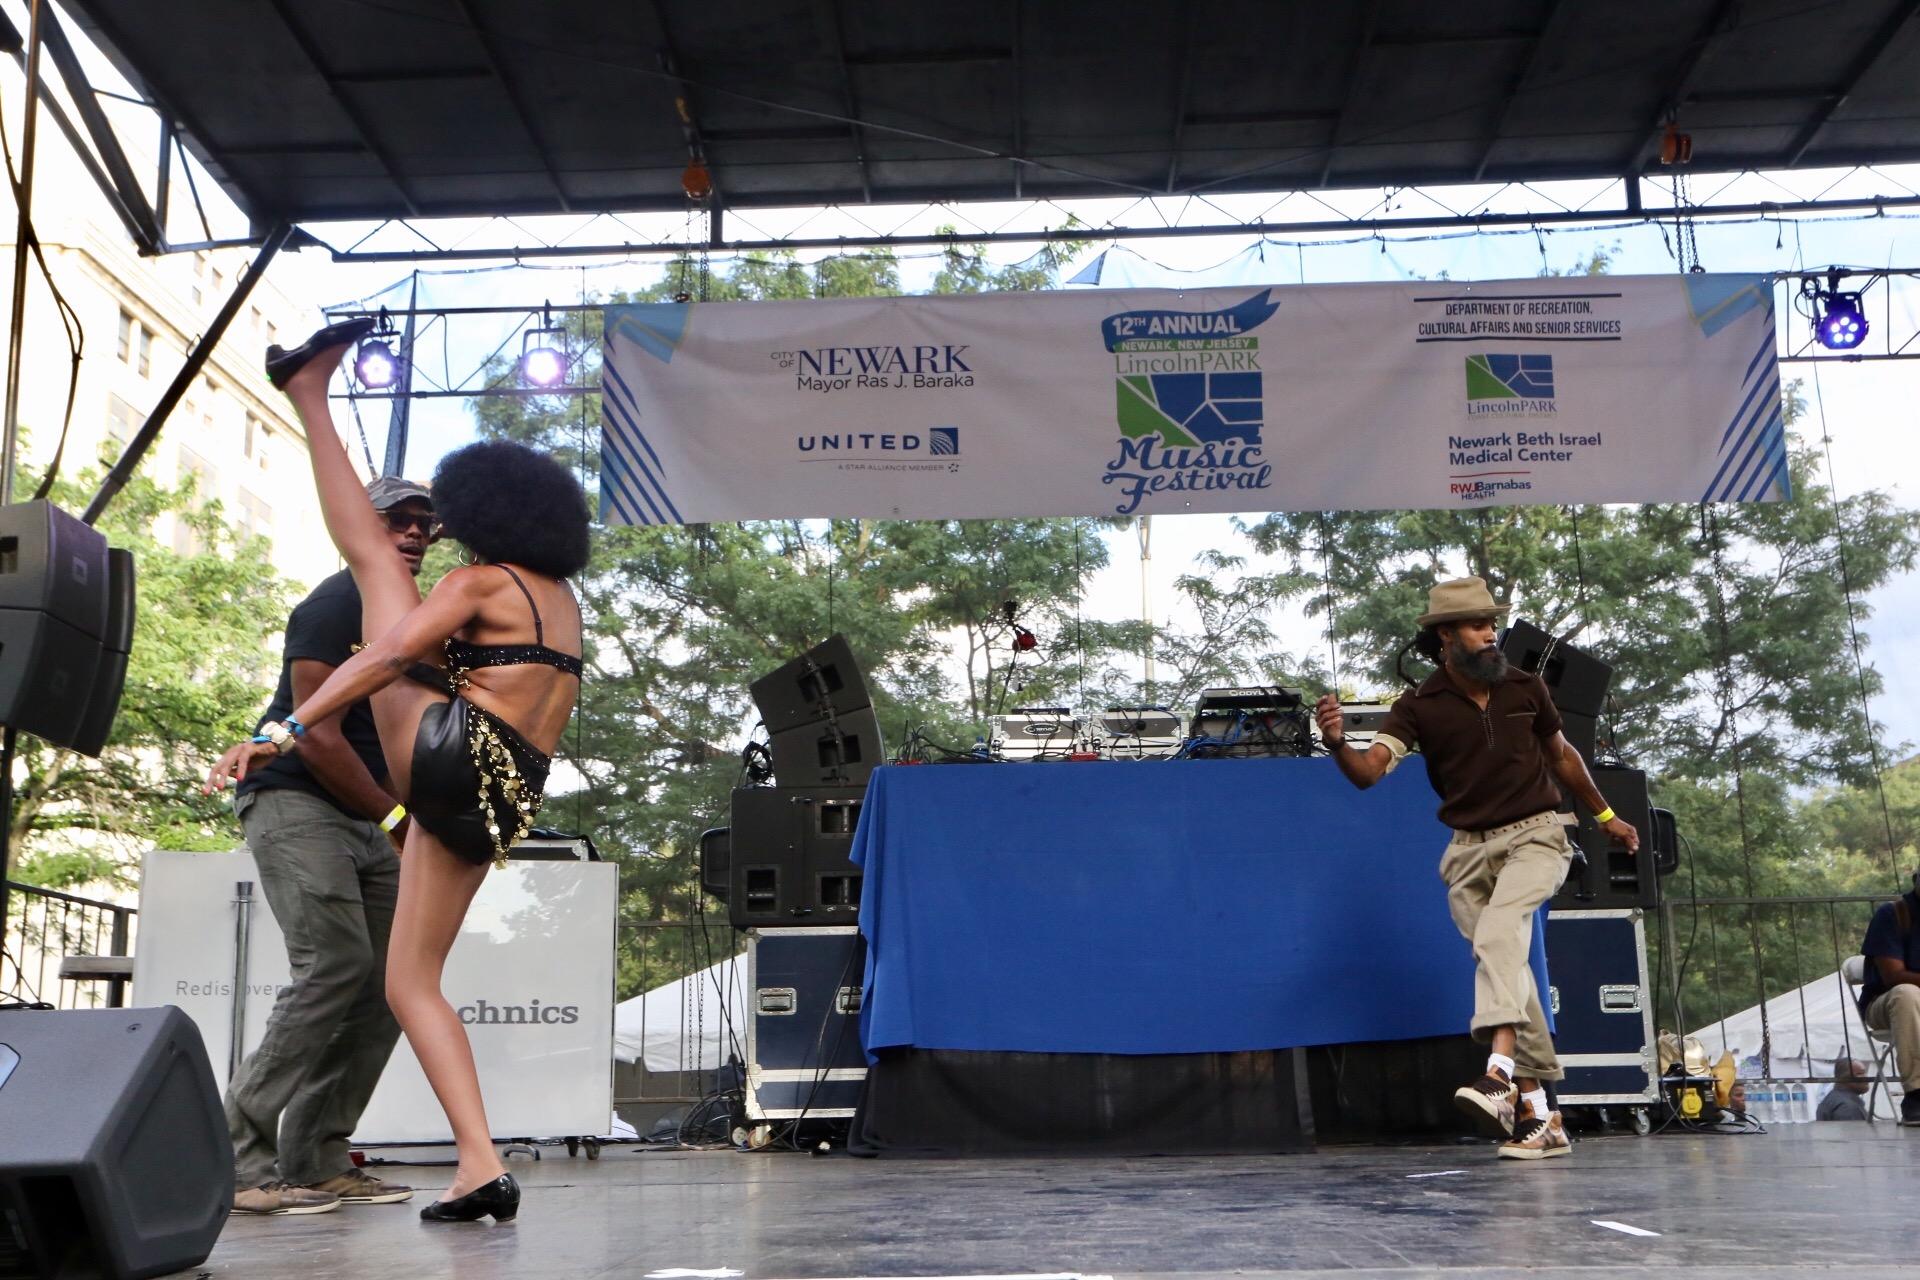 Lincoln Park Music Festival | Newark Festivals & Events